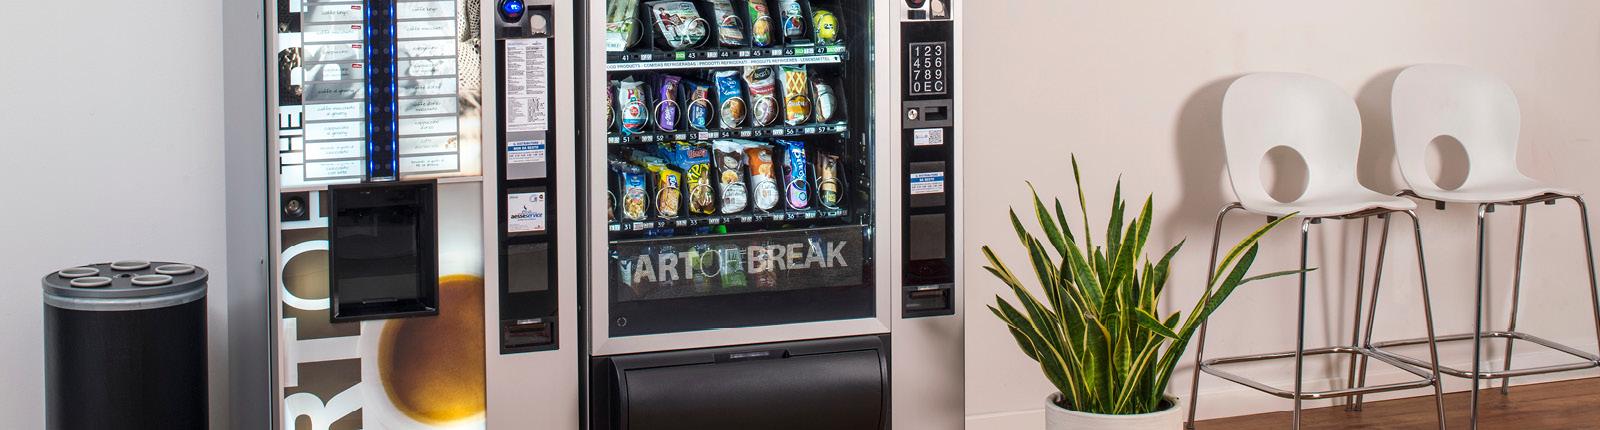 aesse-service-distributori-automatici-trento-la-tua-pausa-caffe